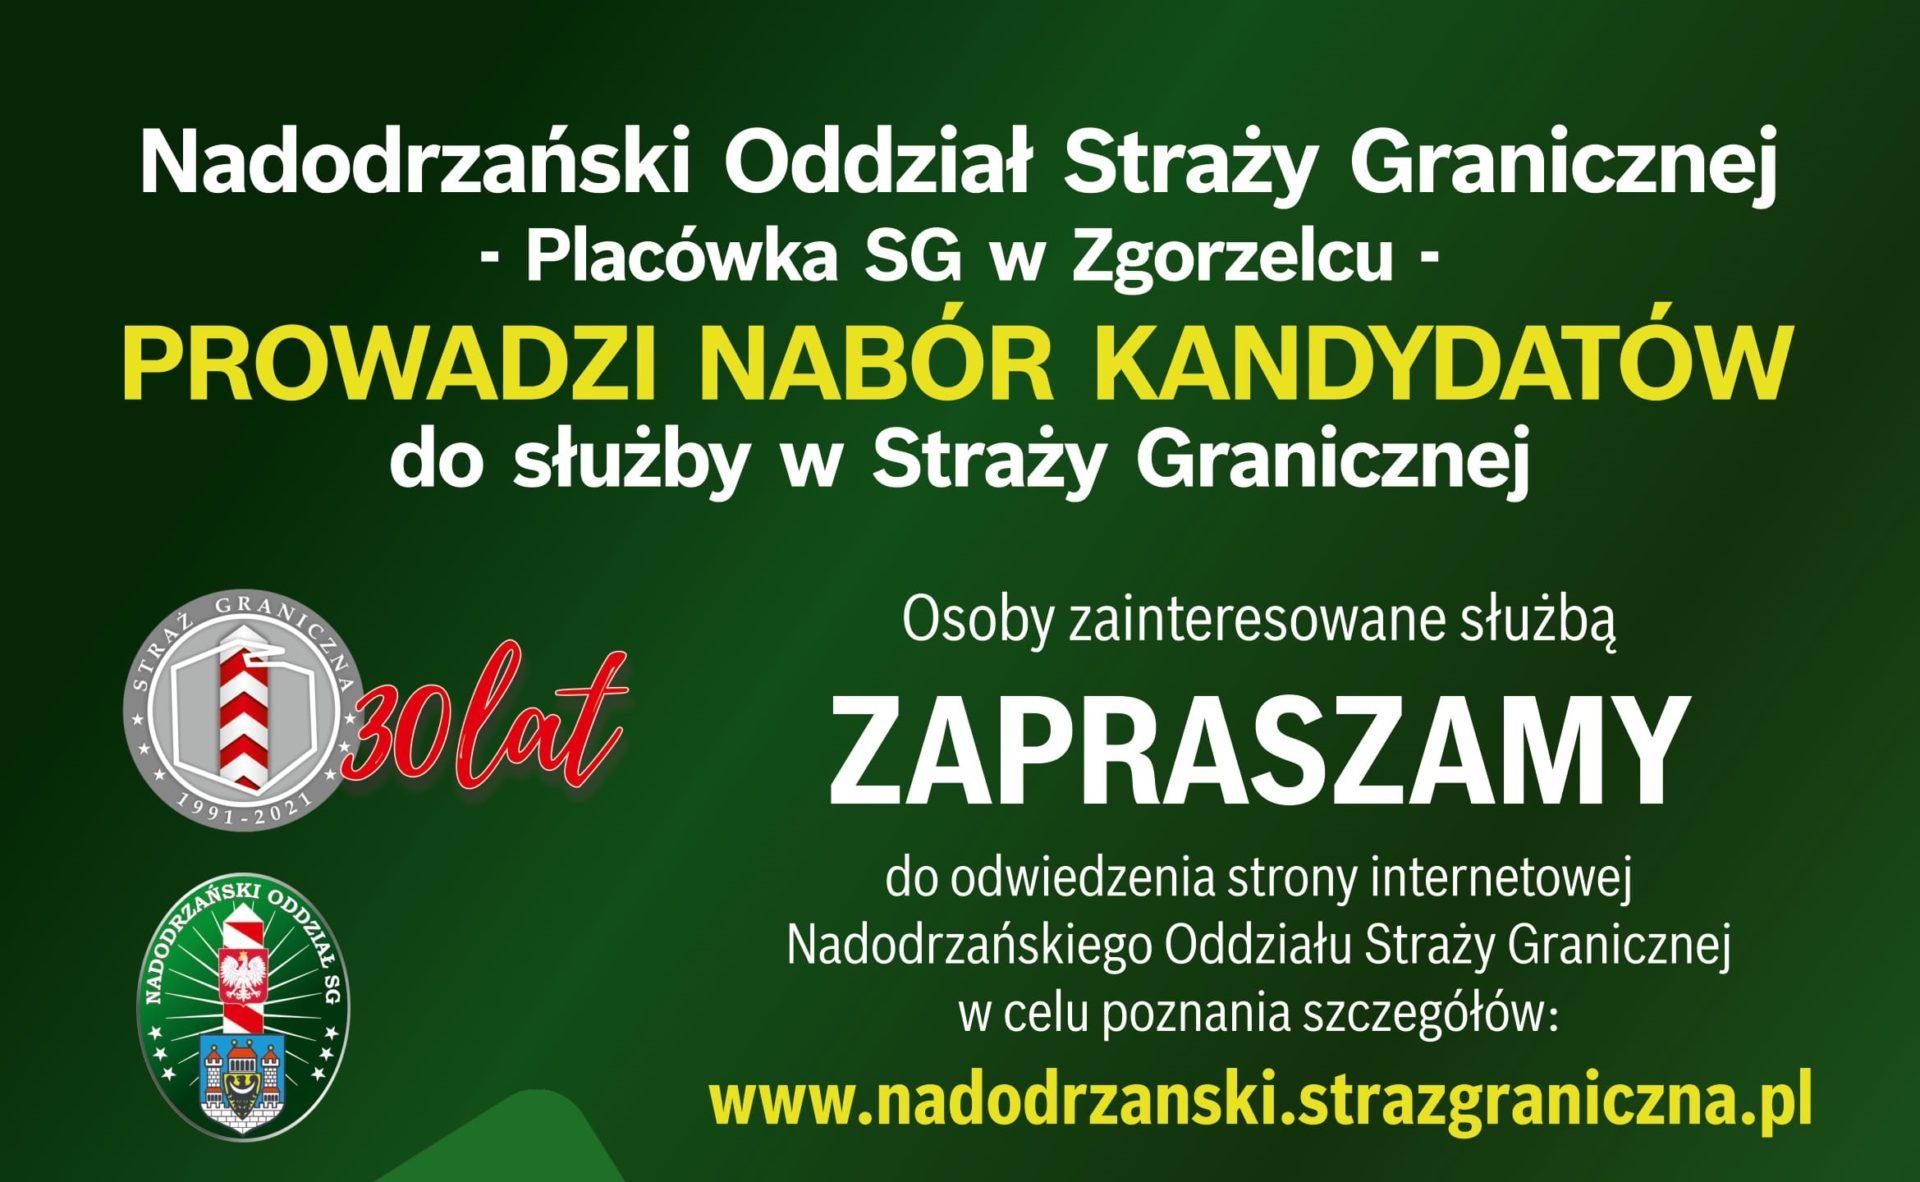 Naboru do służby w Nadodrzańskim Oddziale Straży Granicznej (PSG w Zgorzelcu)